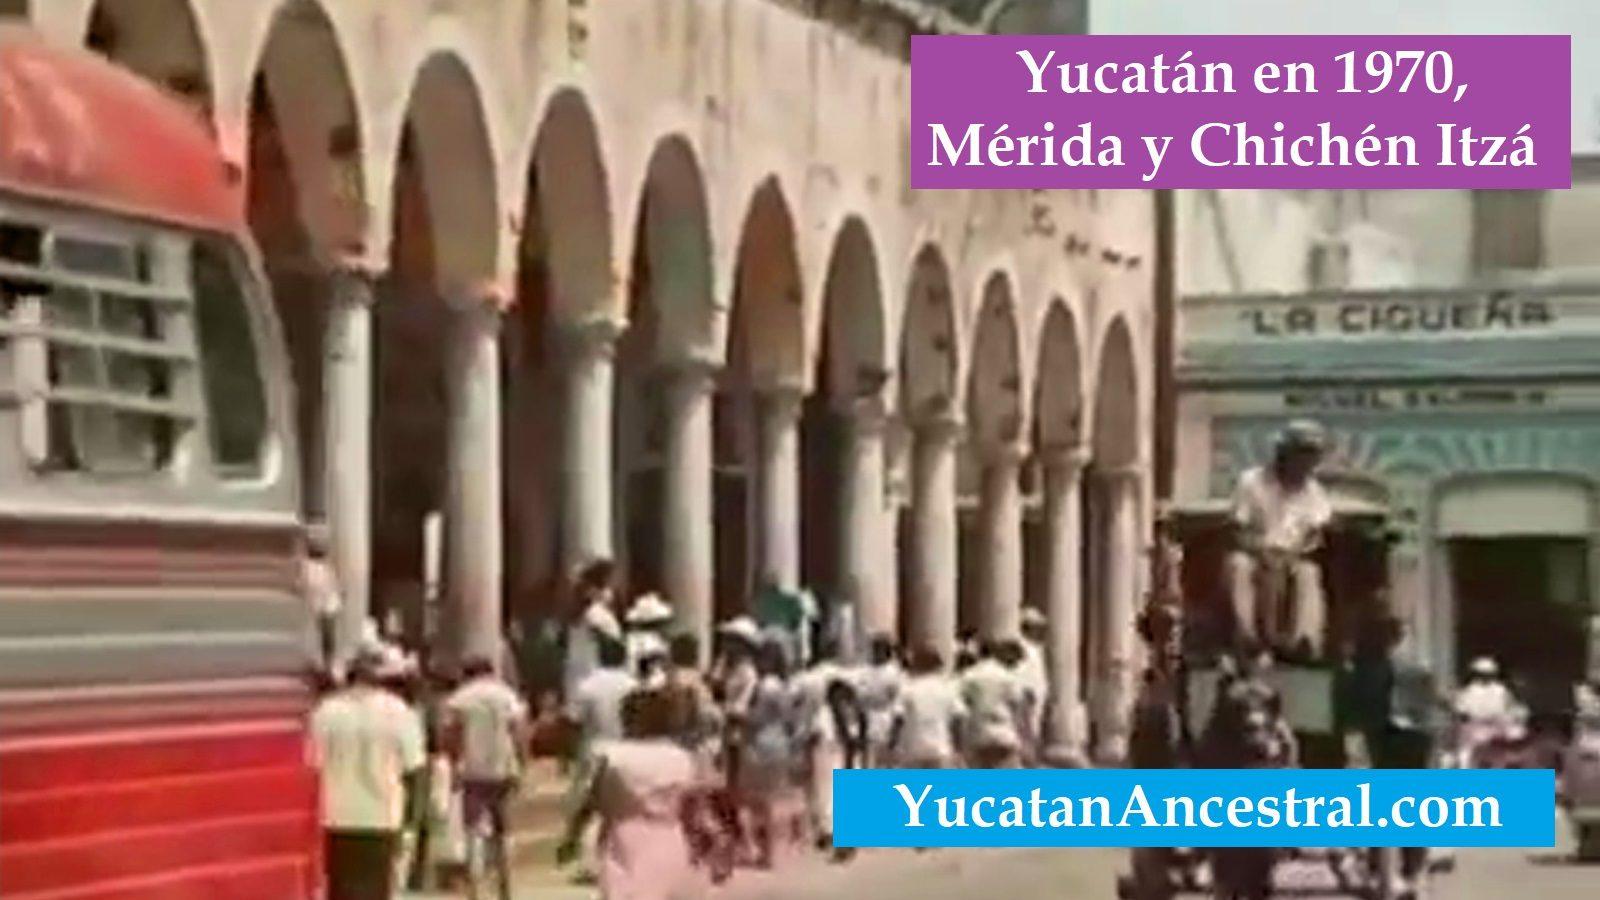 """se observan escenas del """"Portal de Granos"""" ubicado en la calle 56-A por 65 del Centro Histórico de Mérida.Yucatán en 1970 Mérida y Chichén Itzá"""